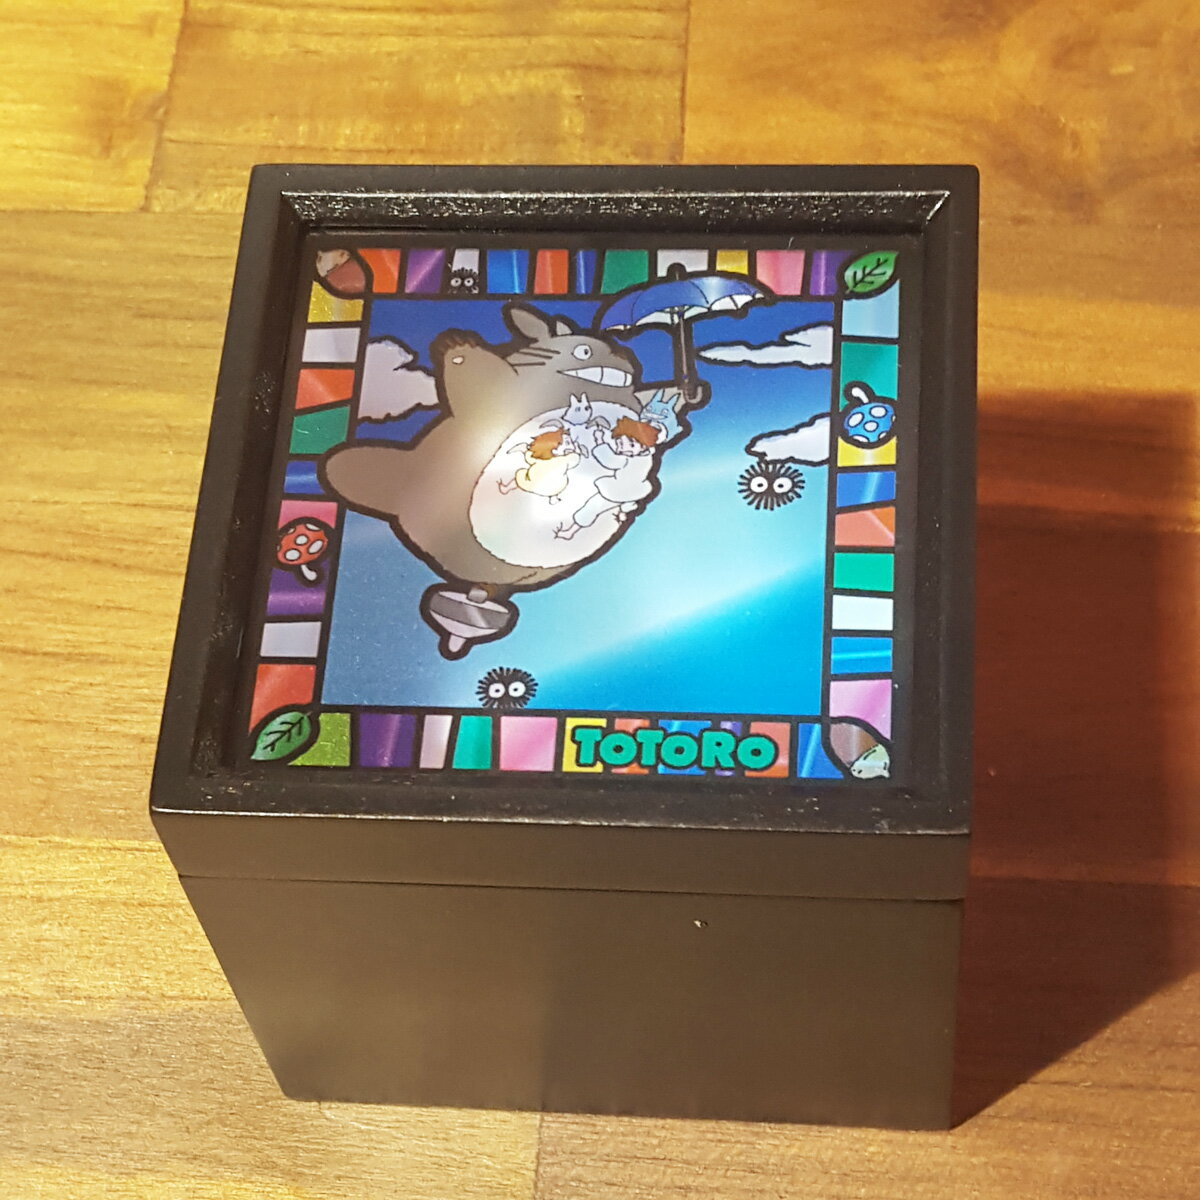 【スタジオジブリ作品】ステンドグラス風BOXオルゴールとなりのトトロ